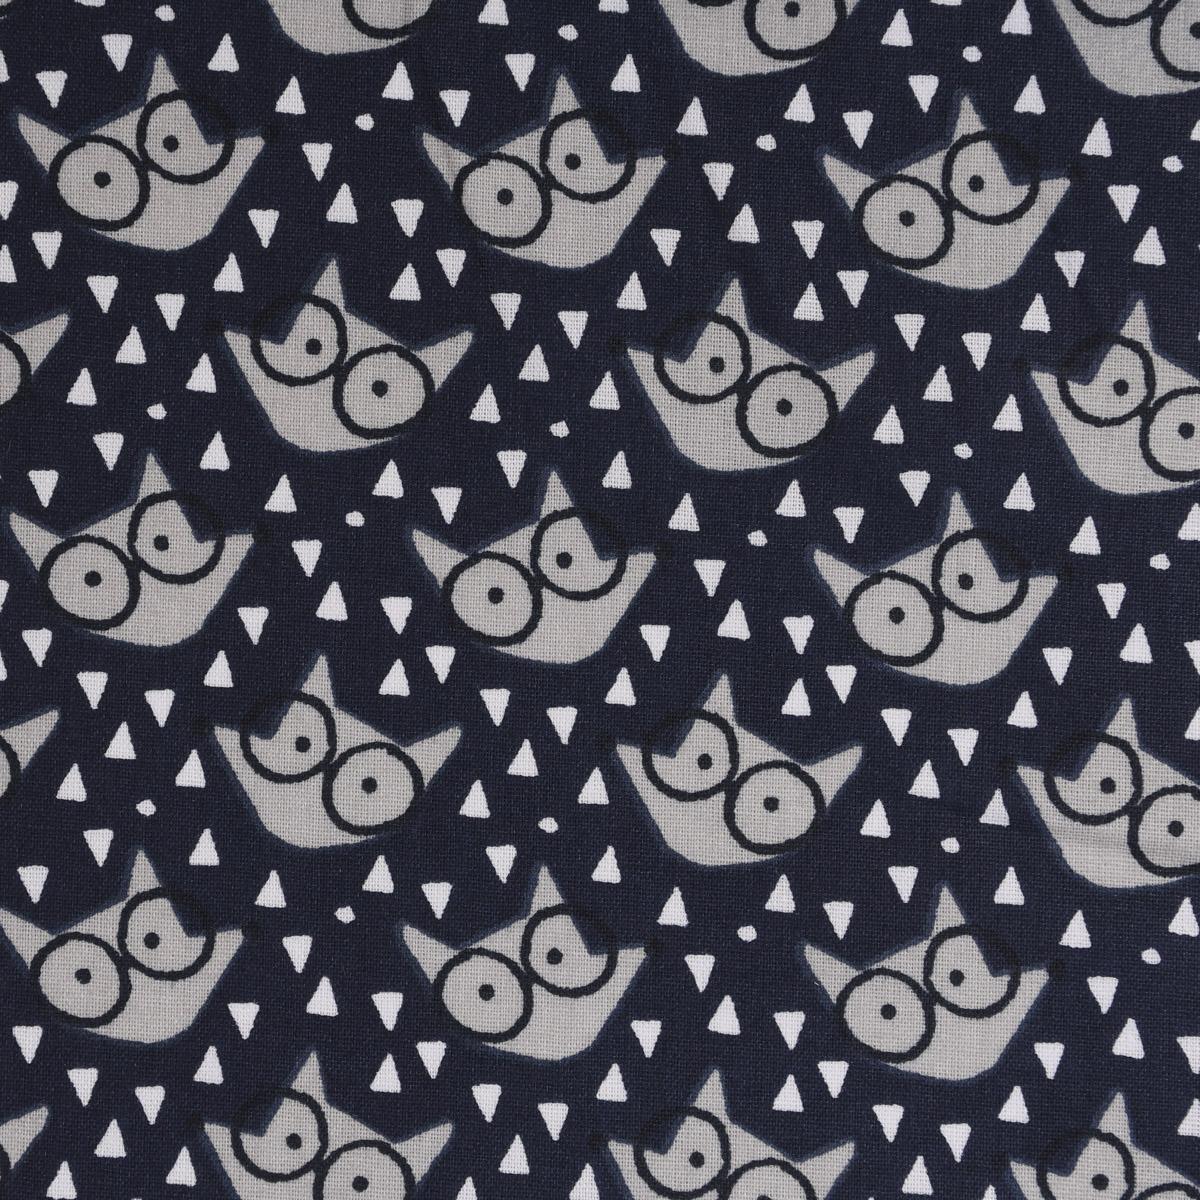 Baumwollstoff FAUZY Fuchs Brille Dreiecke dunkelblau grau weiß 1,5m Breite